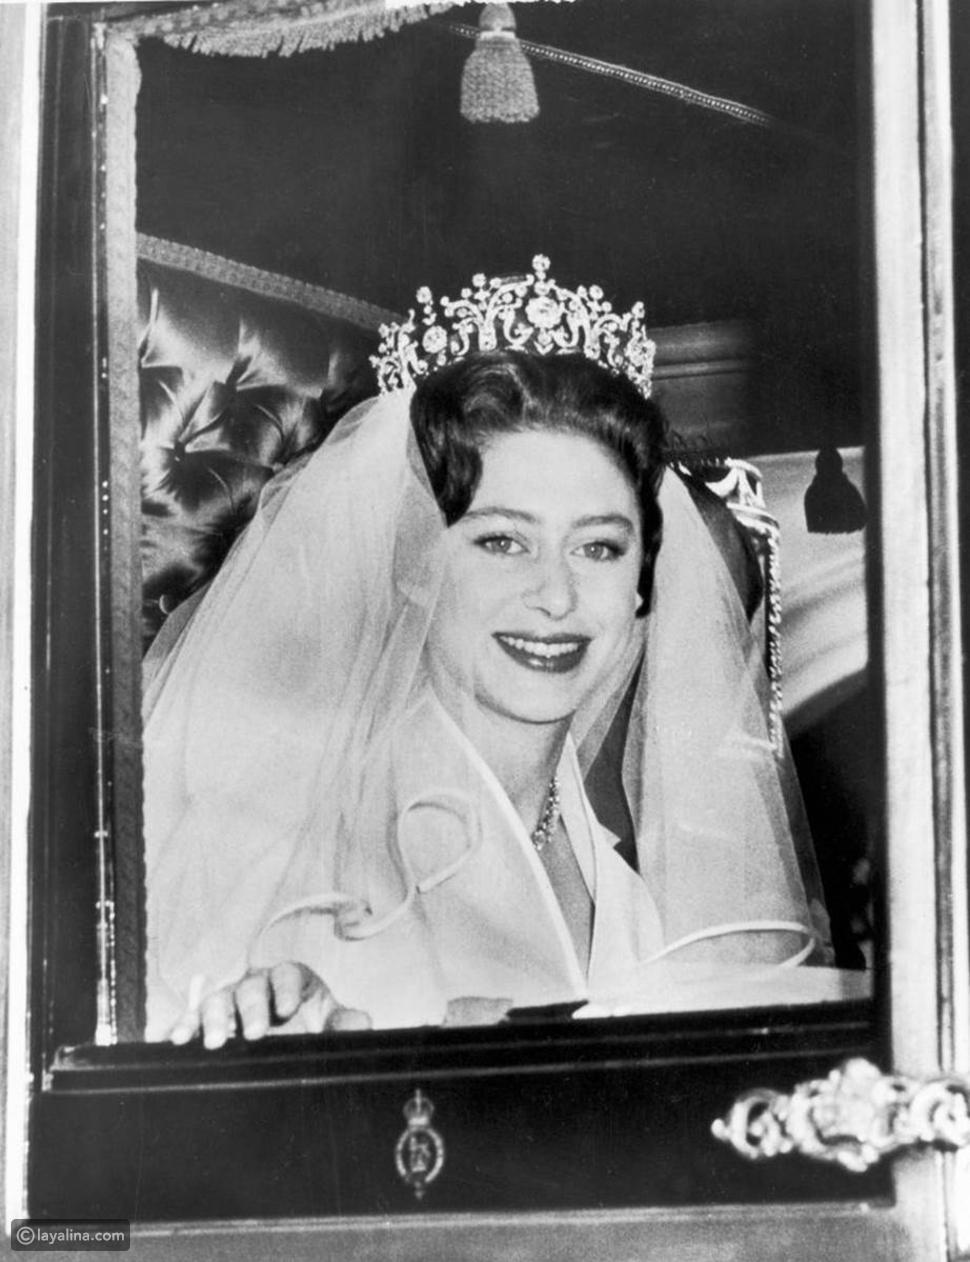 الأميرة مارجريت ترتدي تاج بولتيمور في حفل زفافها عام 1960